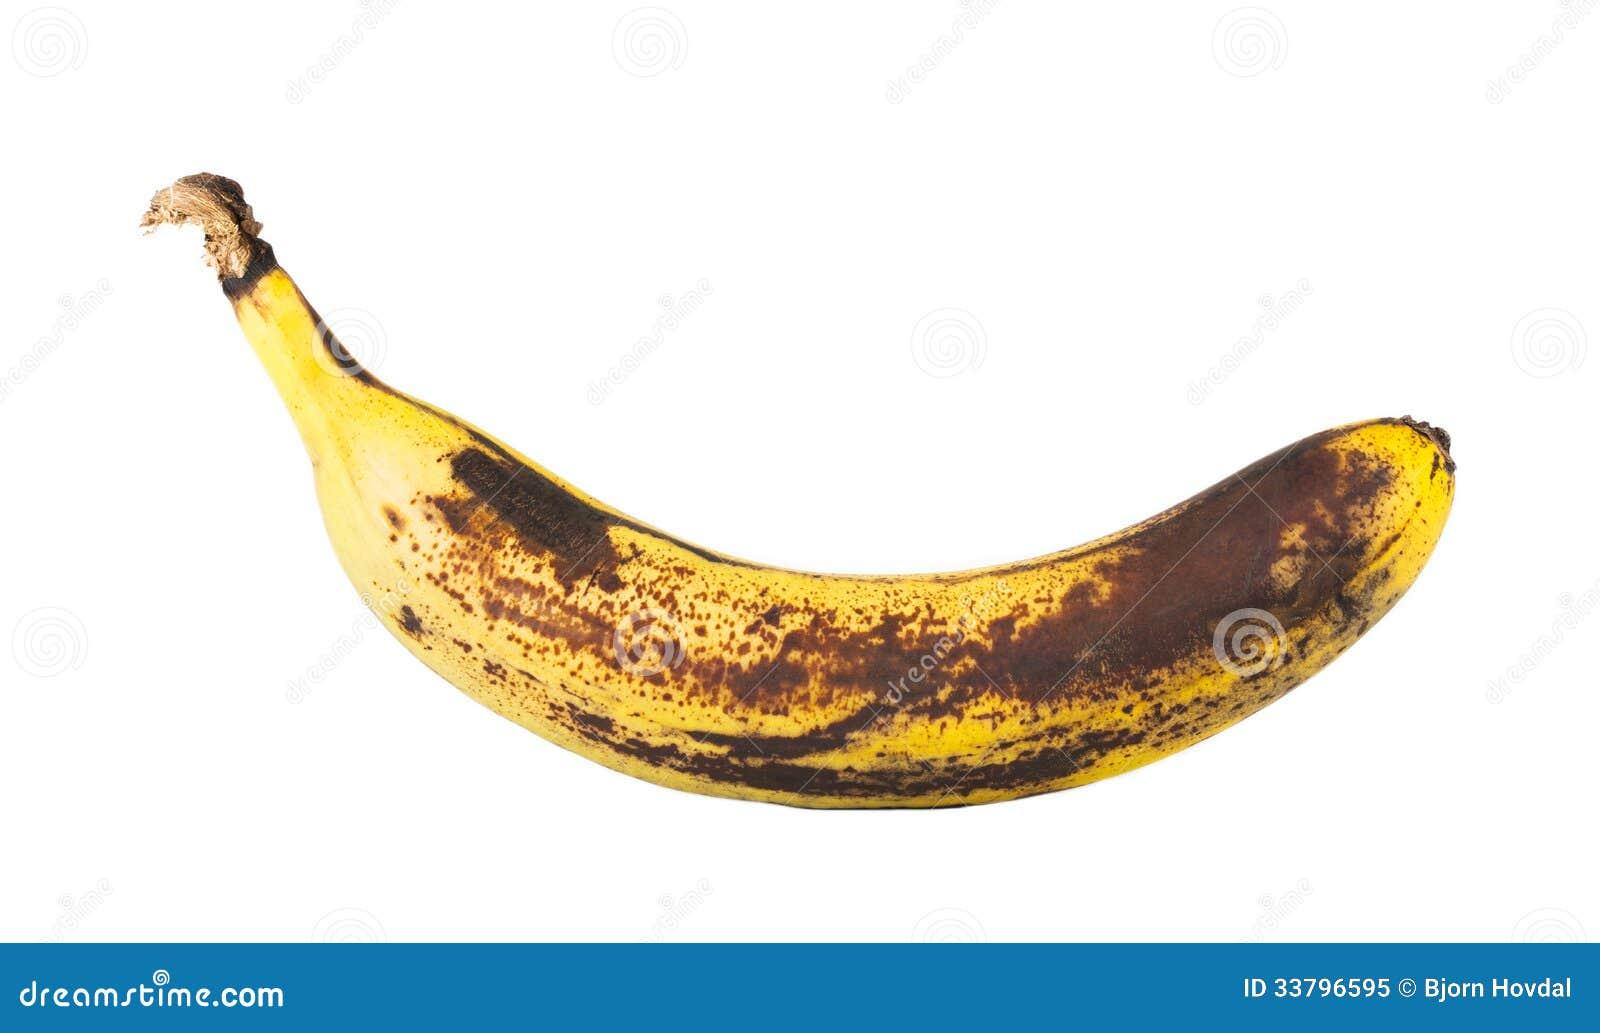 banana business plan